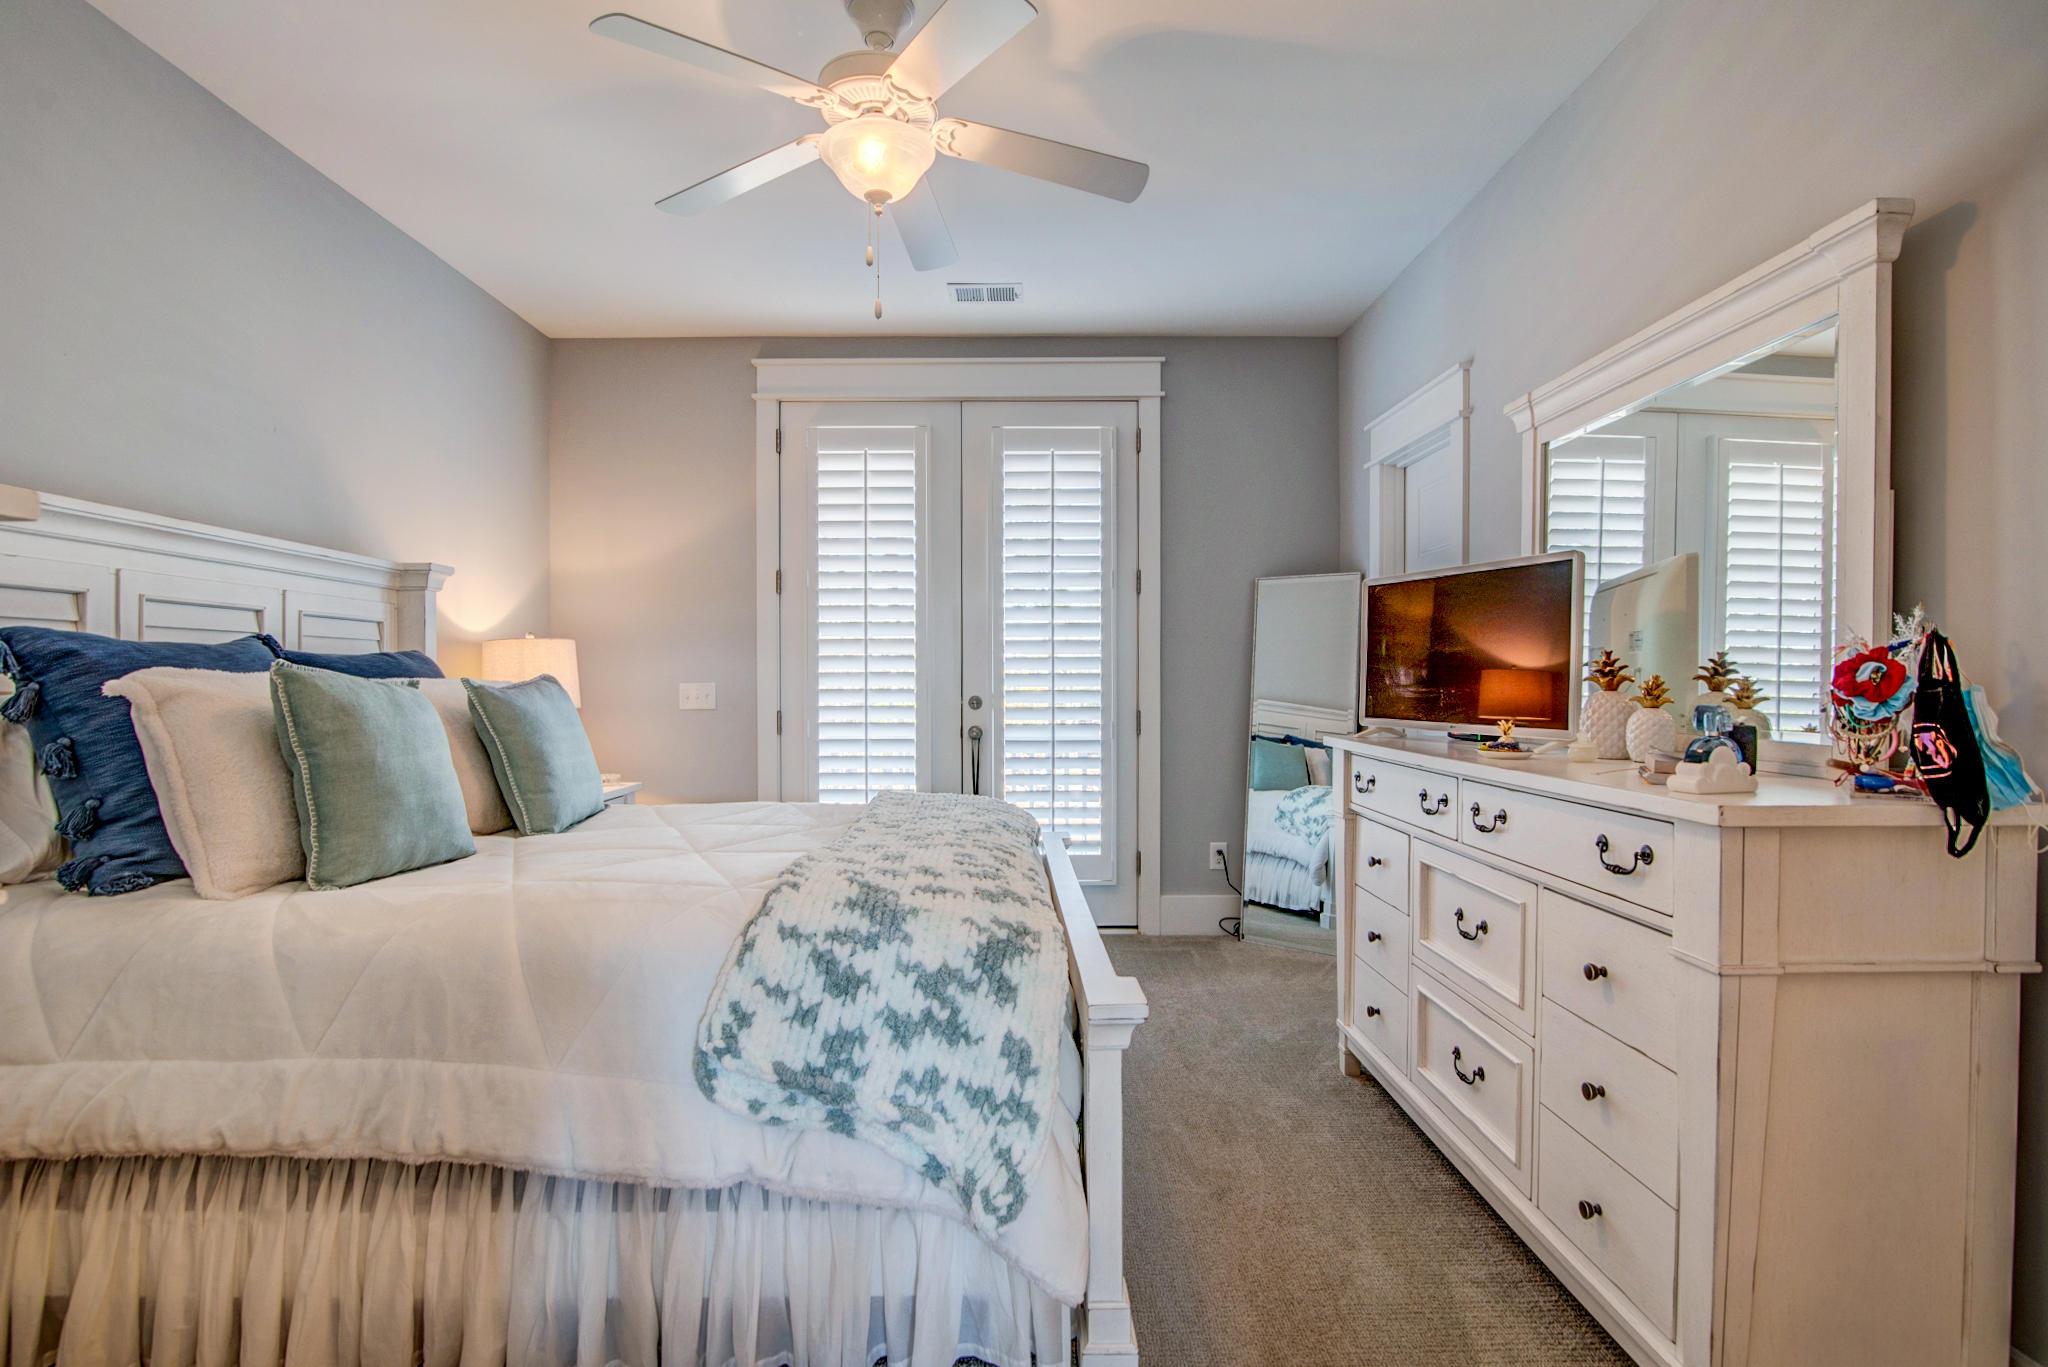 Dunes West Homes For Sale - 2883 River Vista, Mount Pleasant, SC - 28